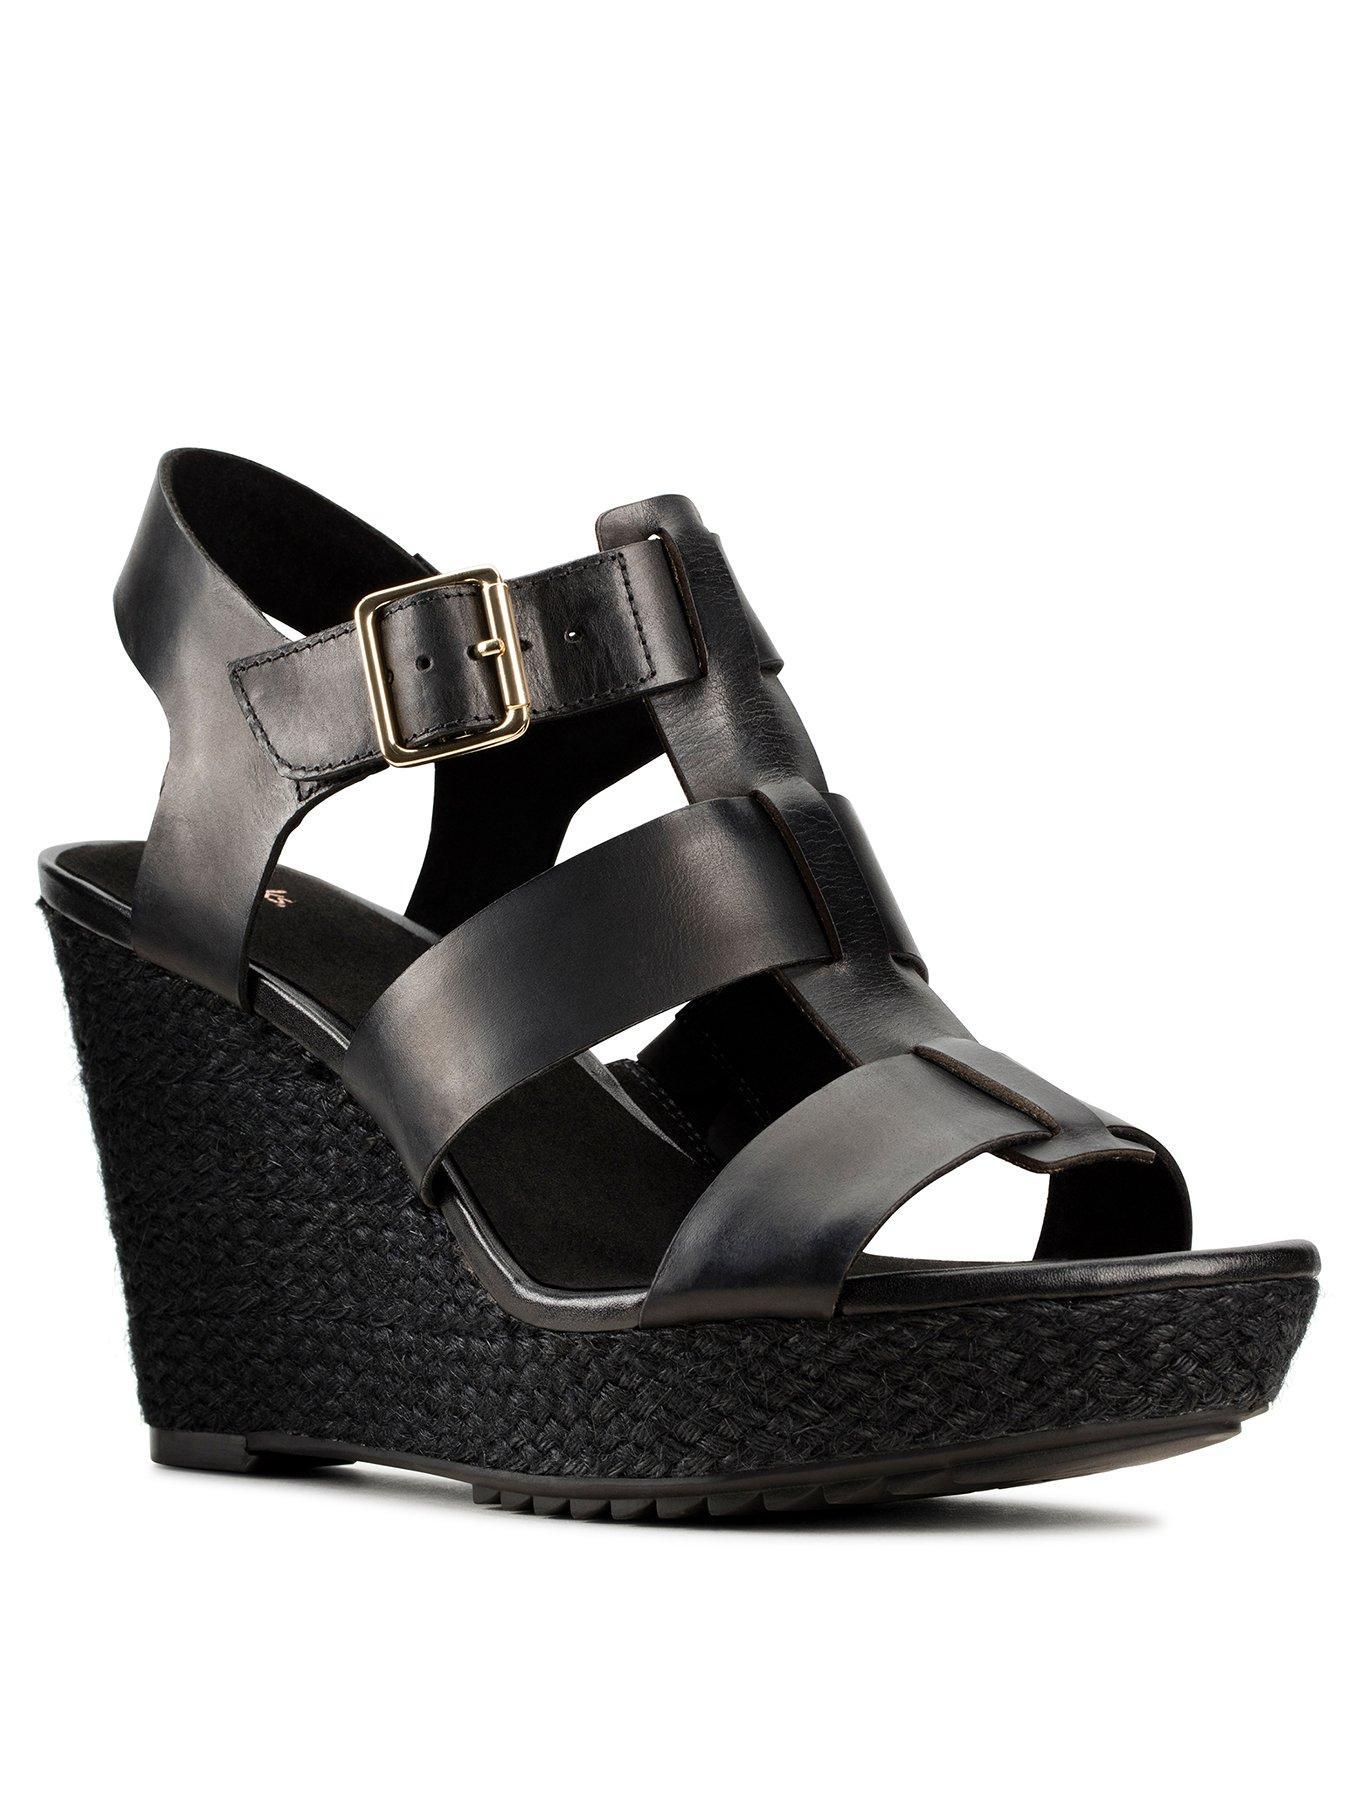 black sandals platform wedge